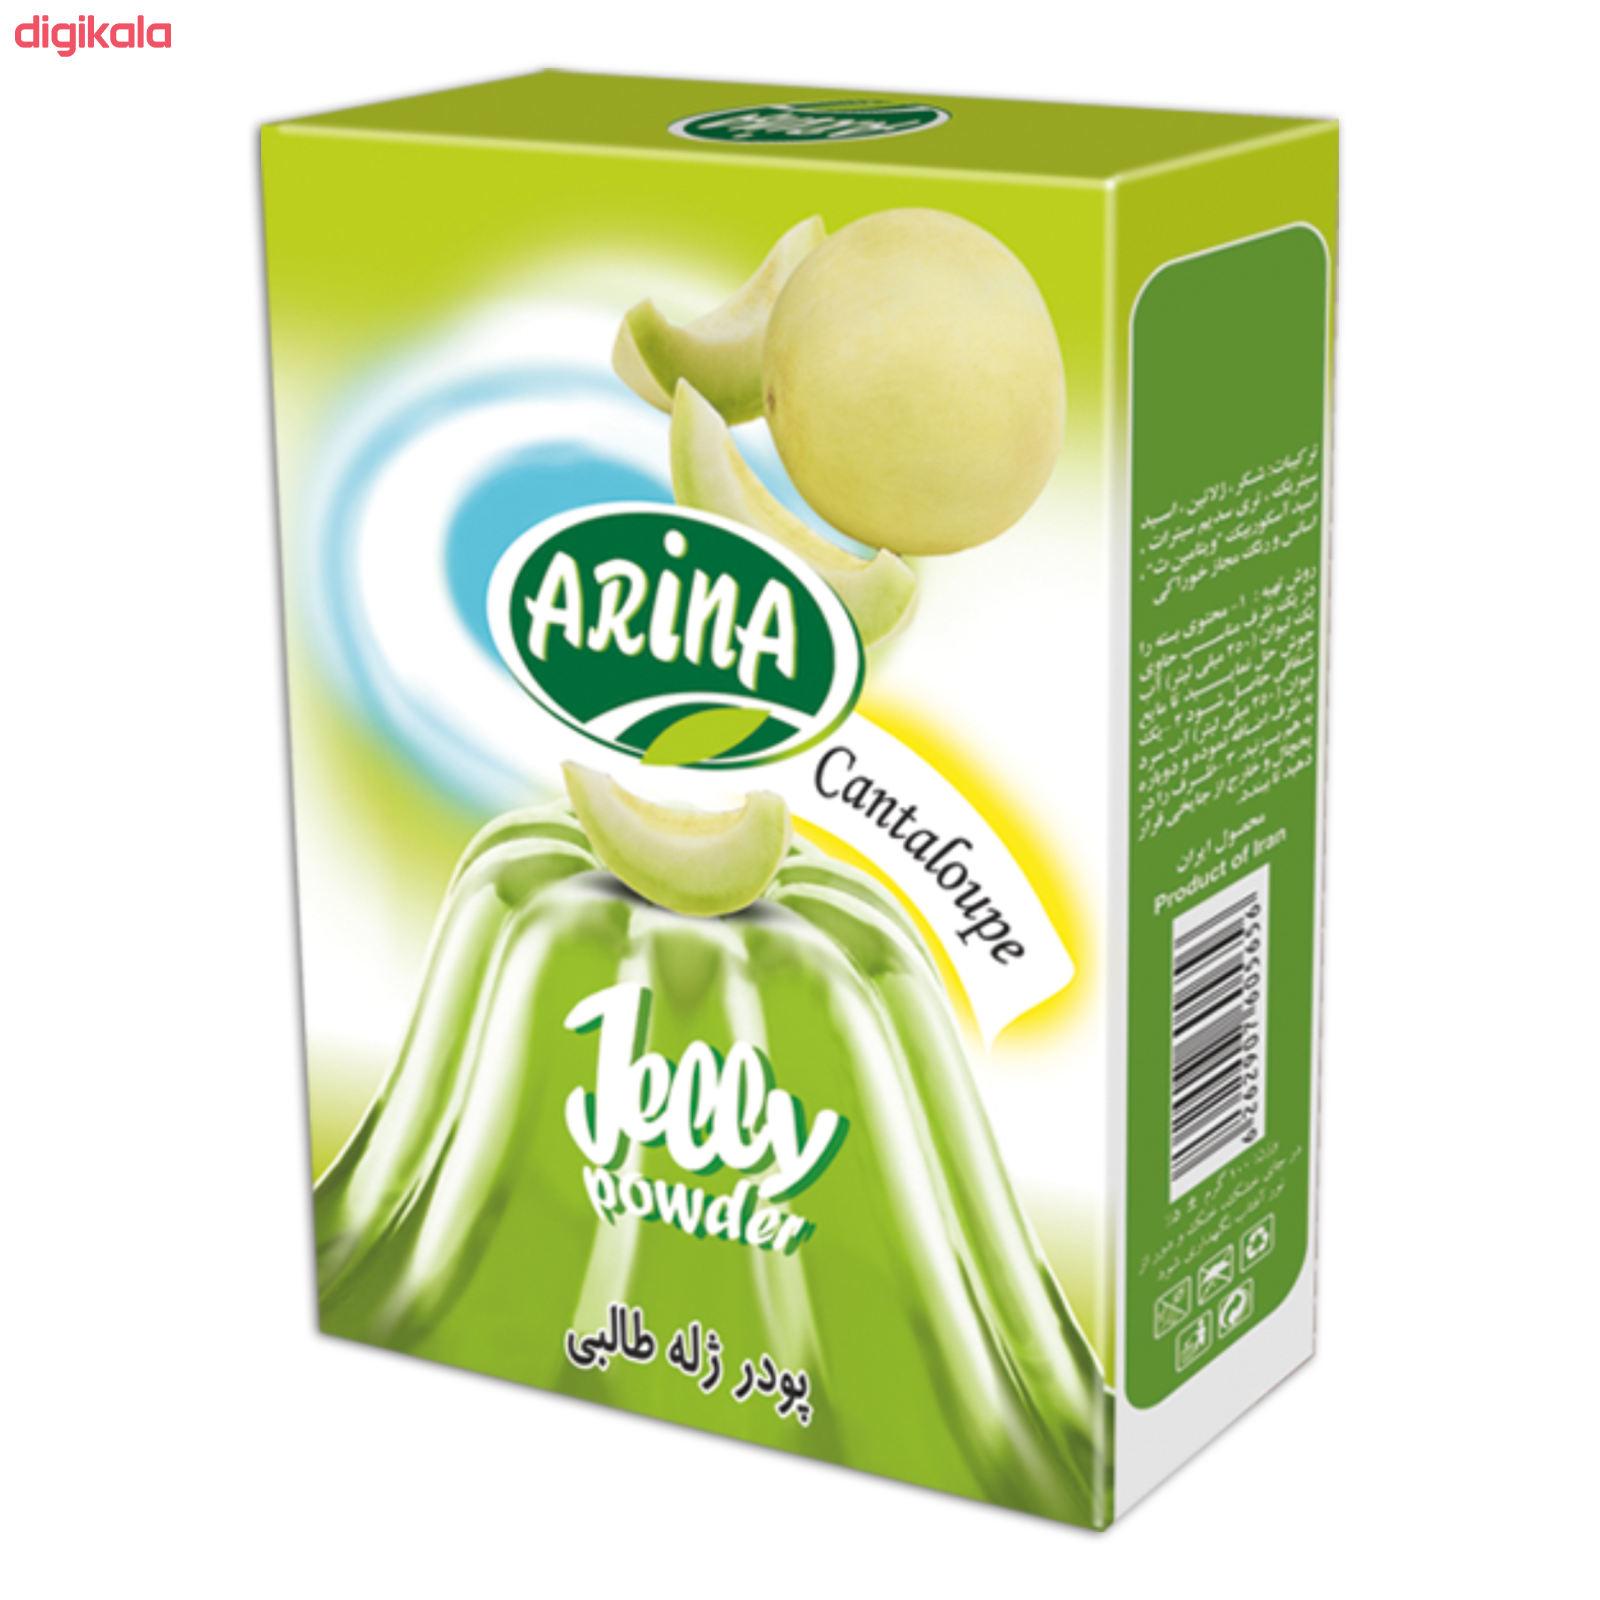 پودر ژله طالبی آرینا - 100 گرم main 1 1